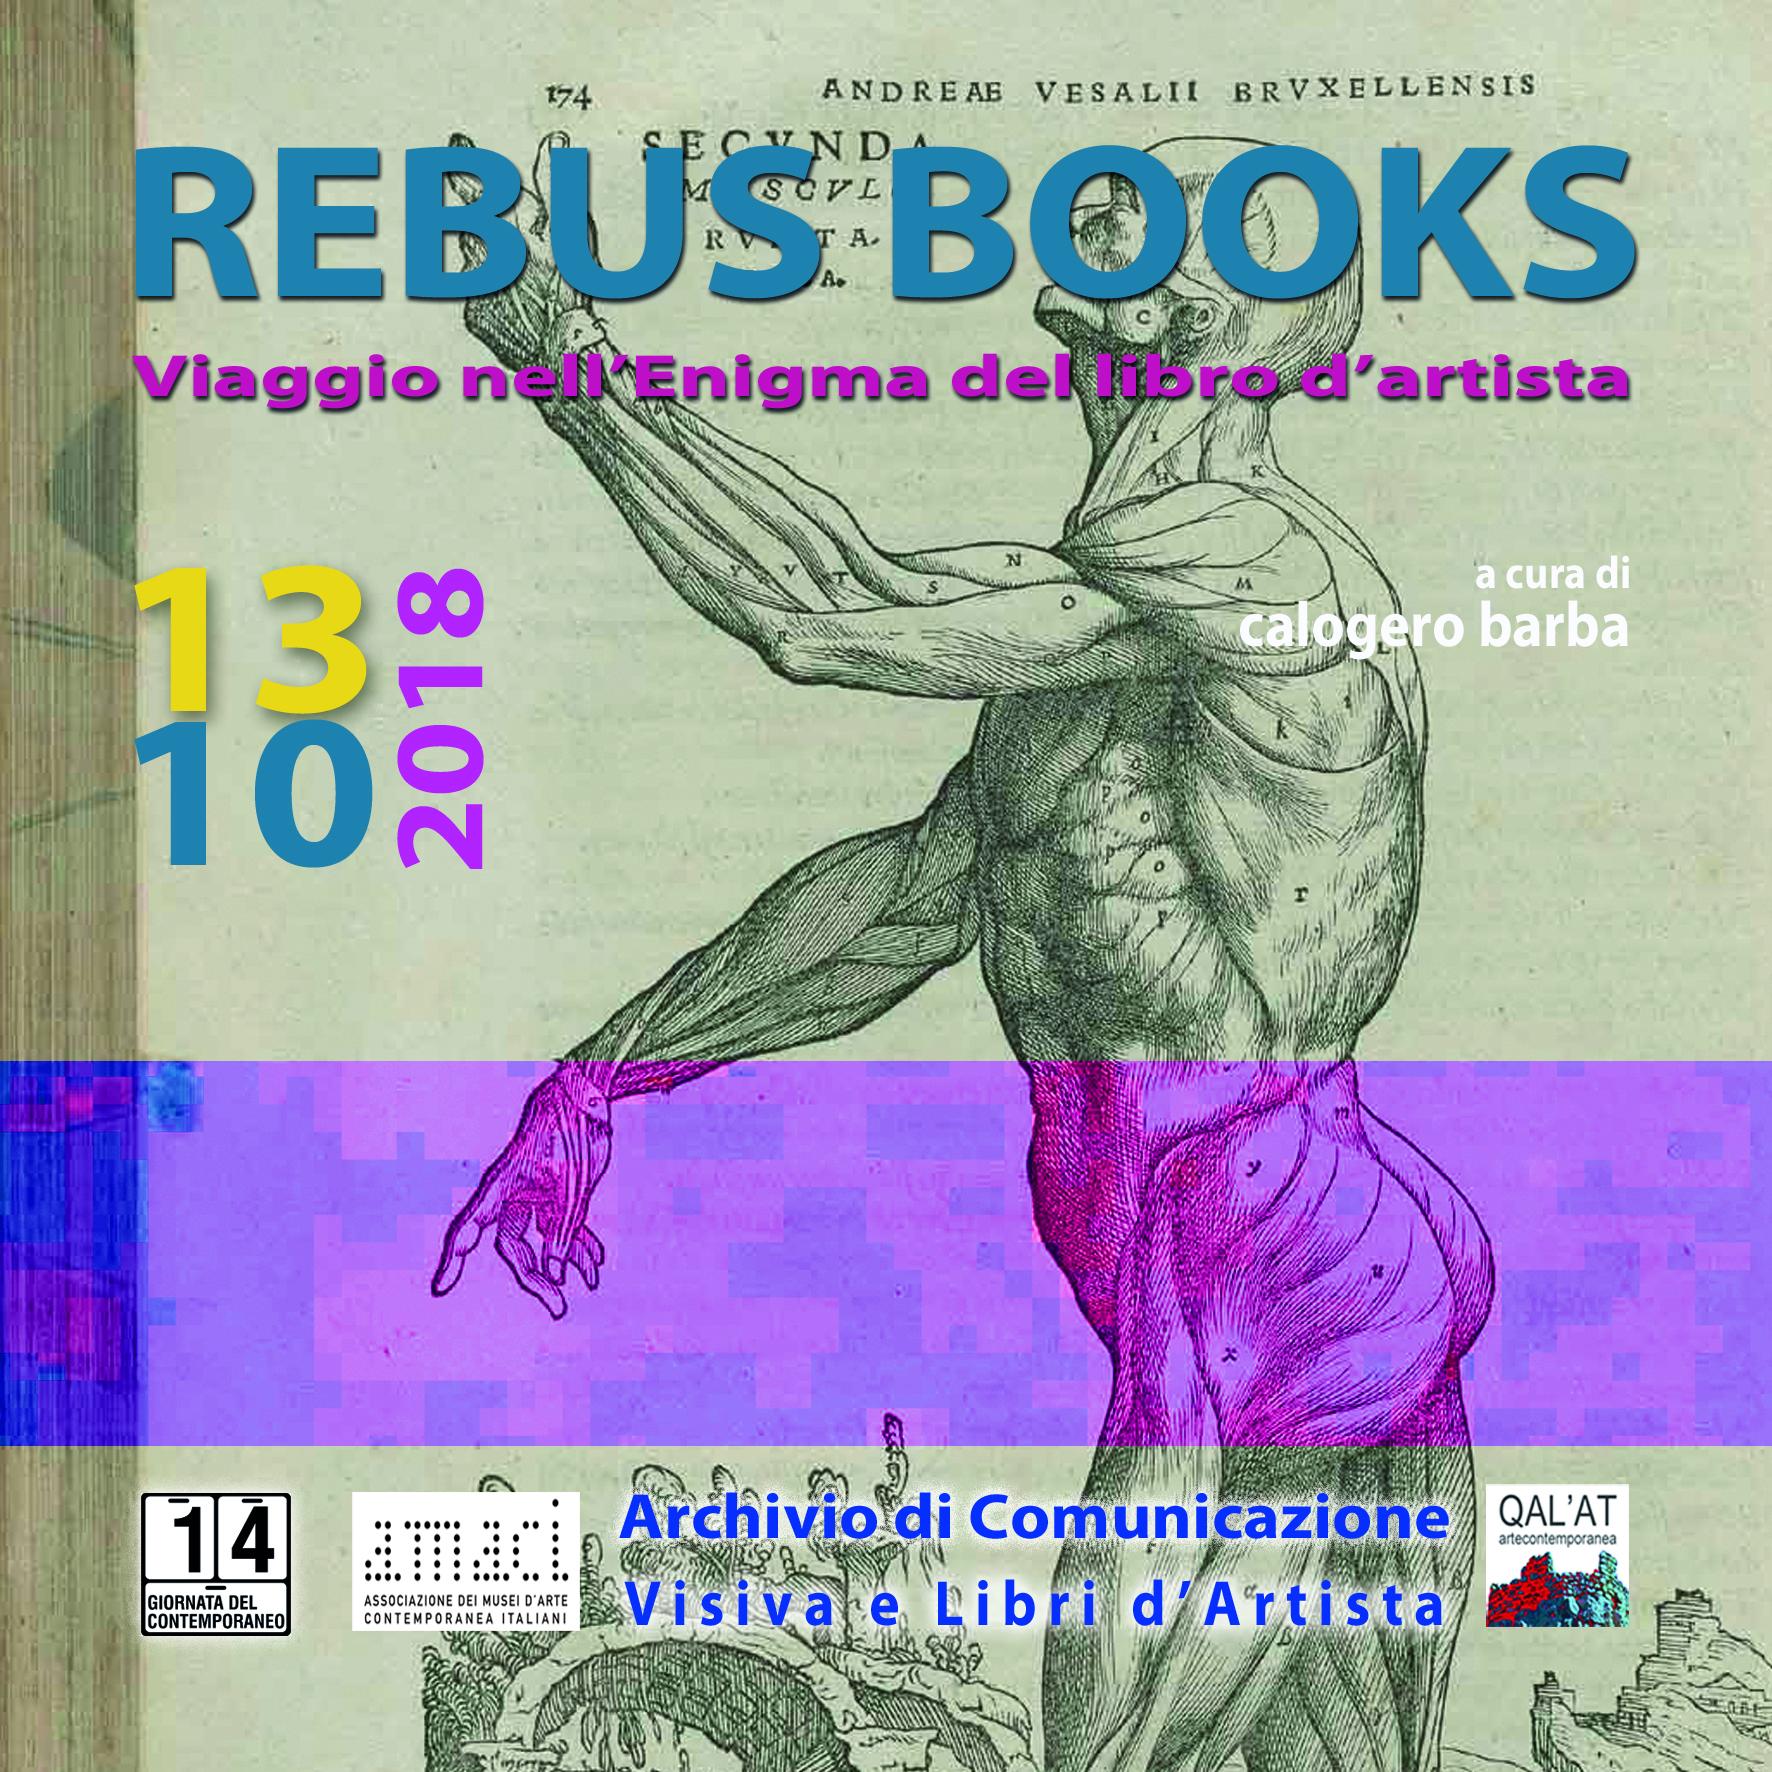 rebus books